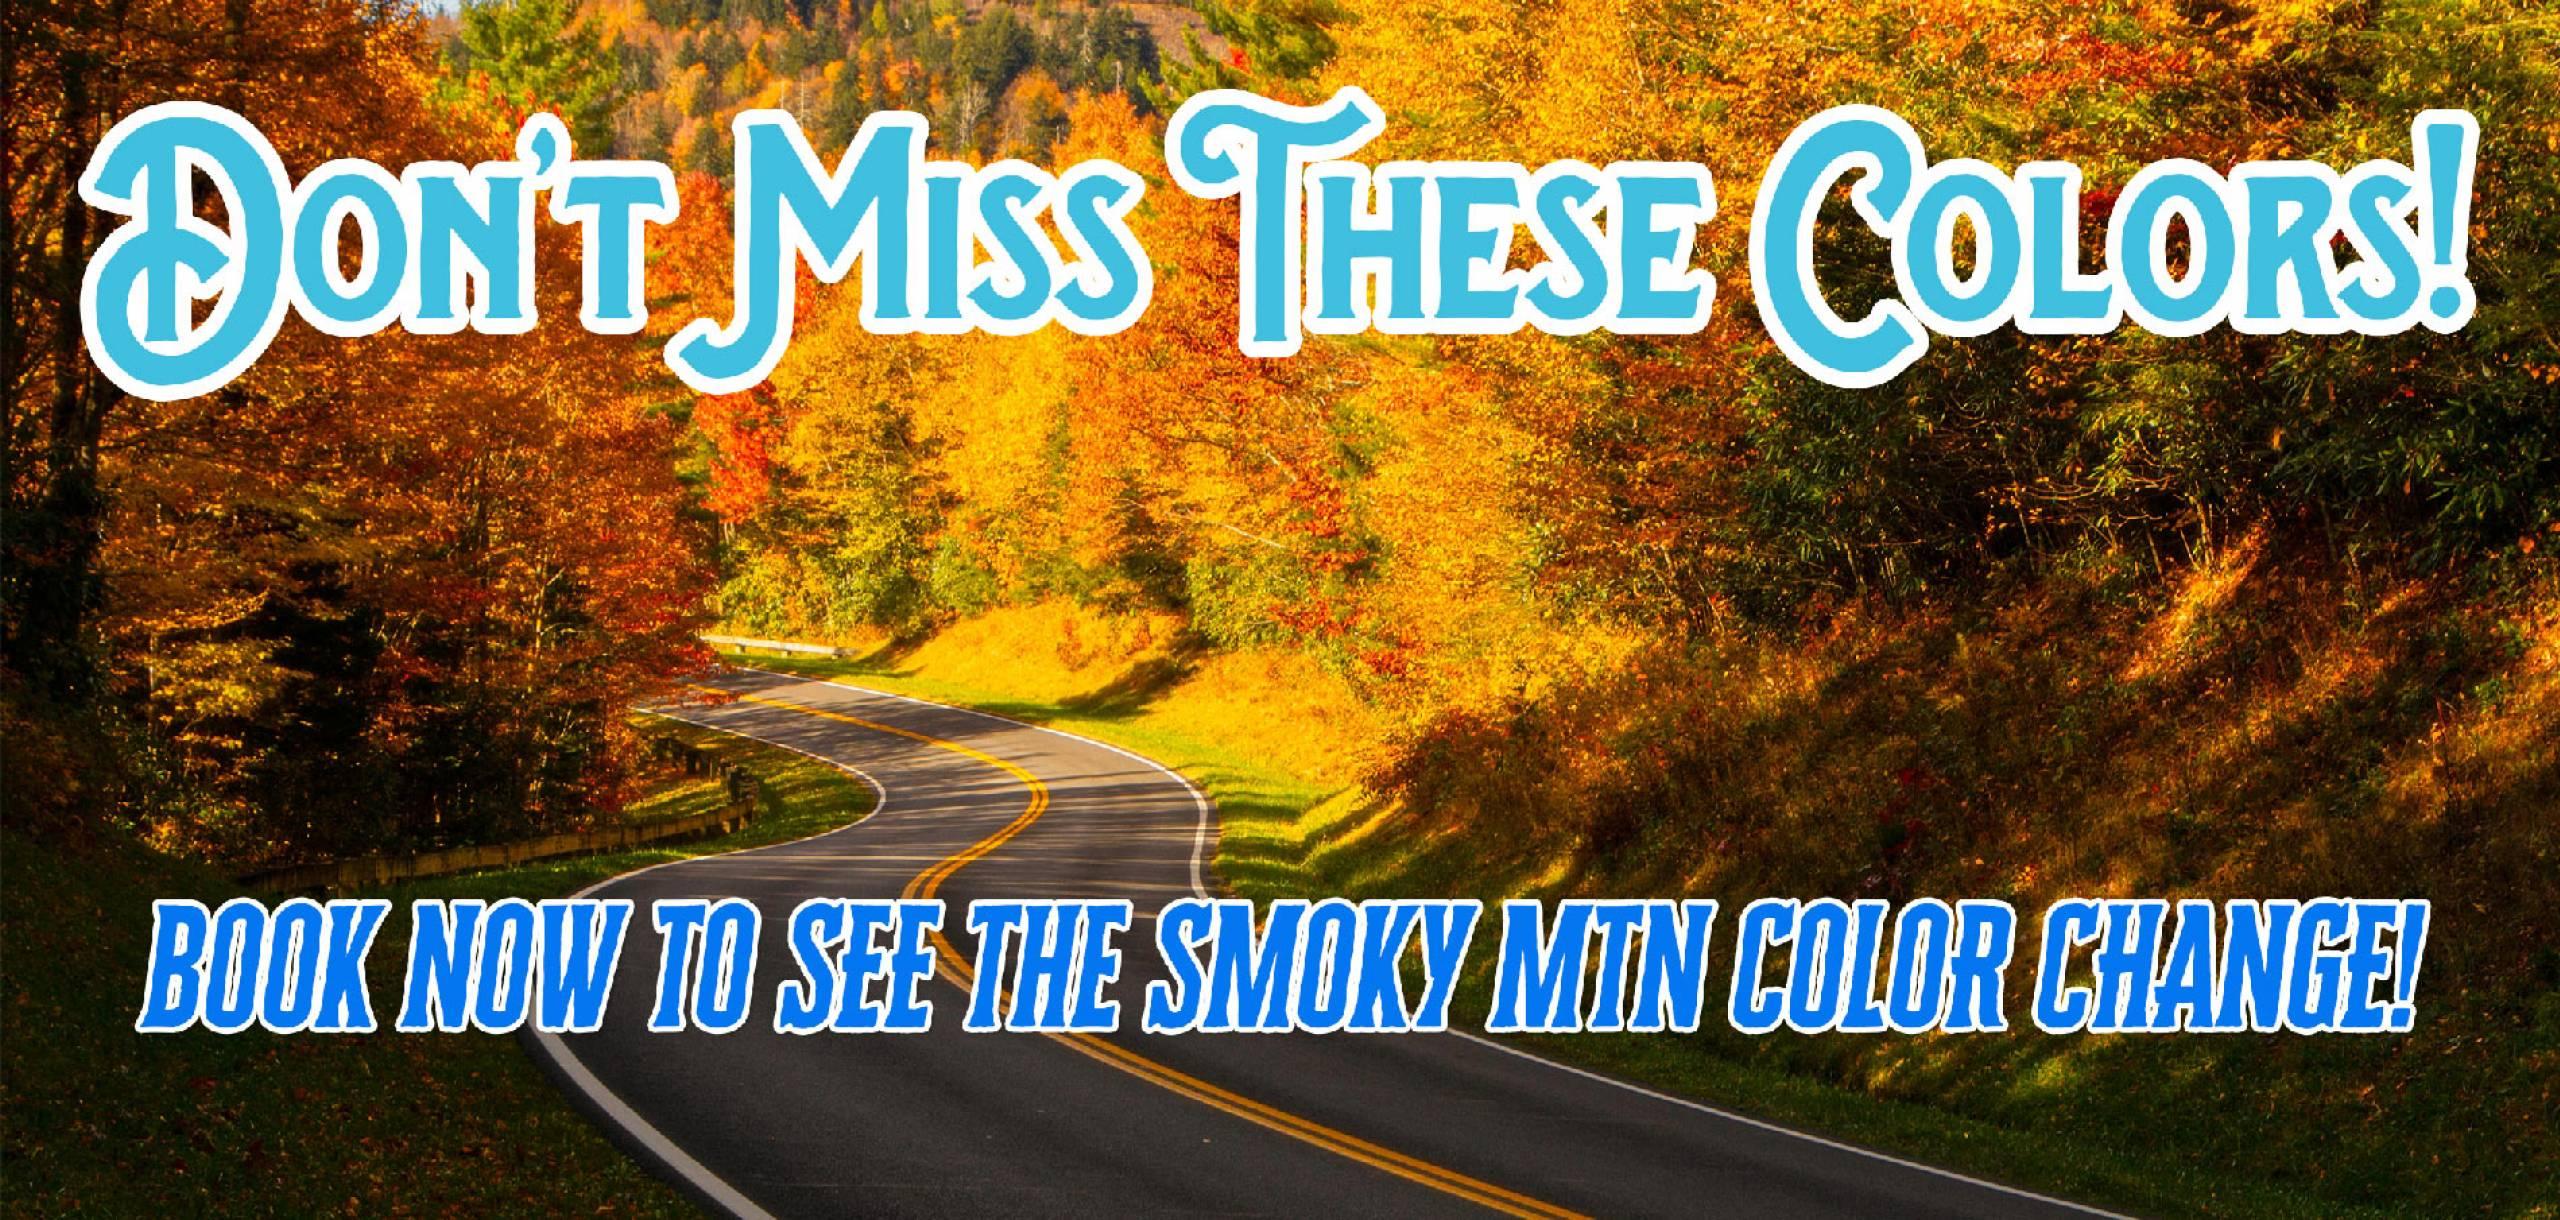 Smoky Mountain Fall Color change